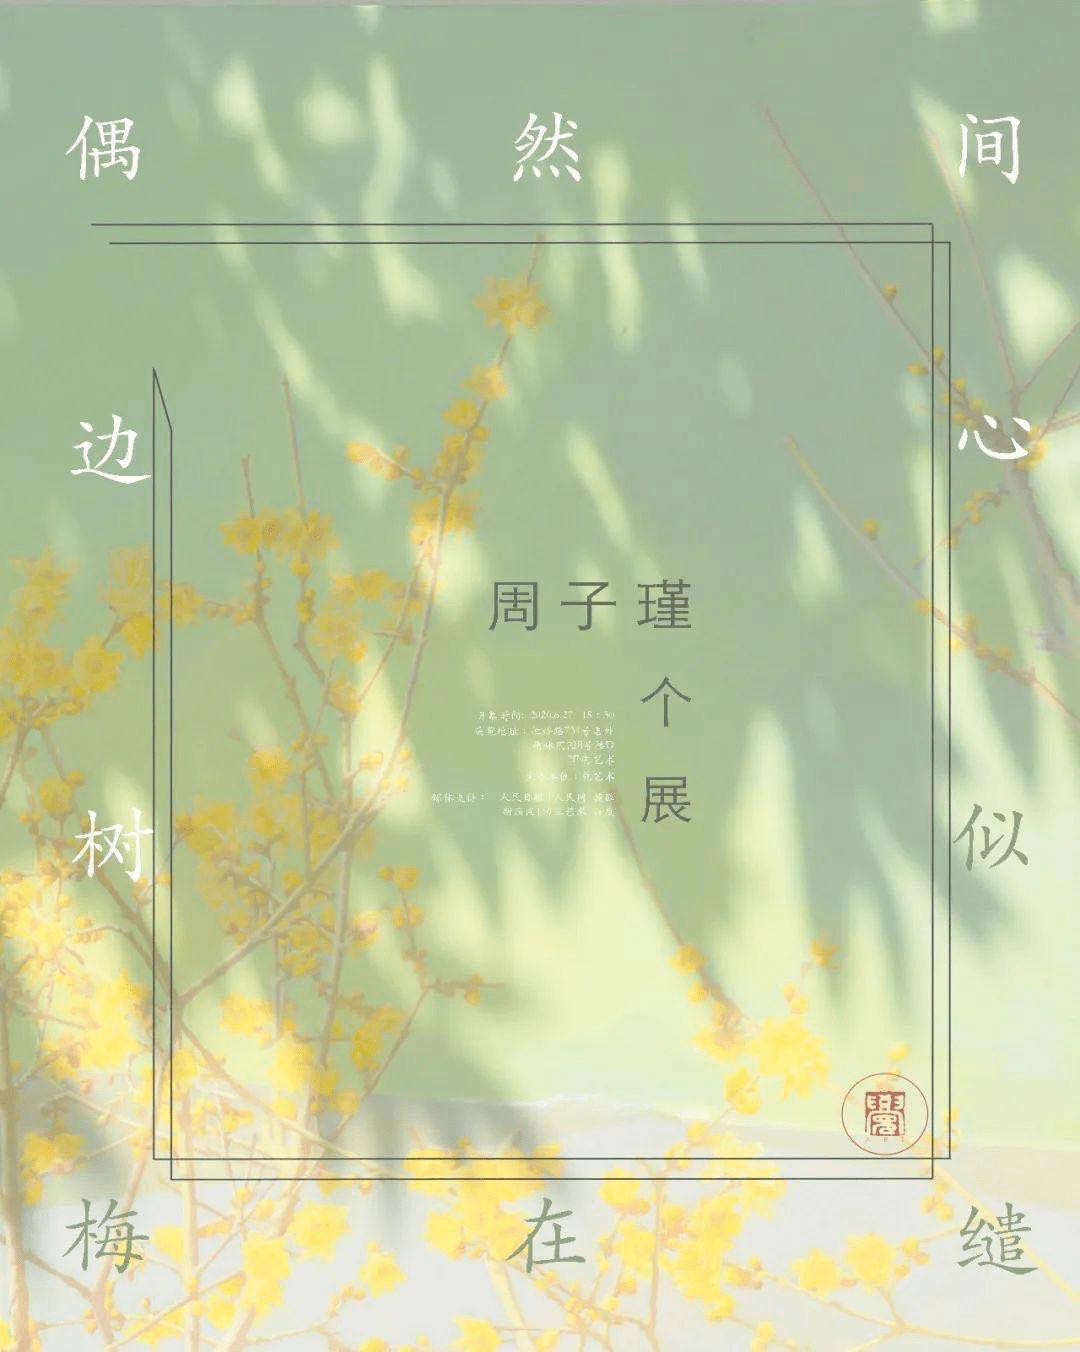 周子瑾个展——《偶然间,心似缱,在梅树边》在上海展出